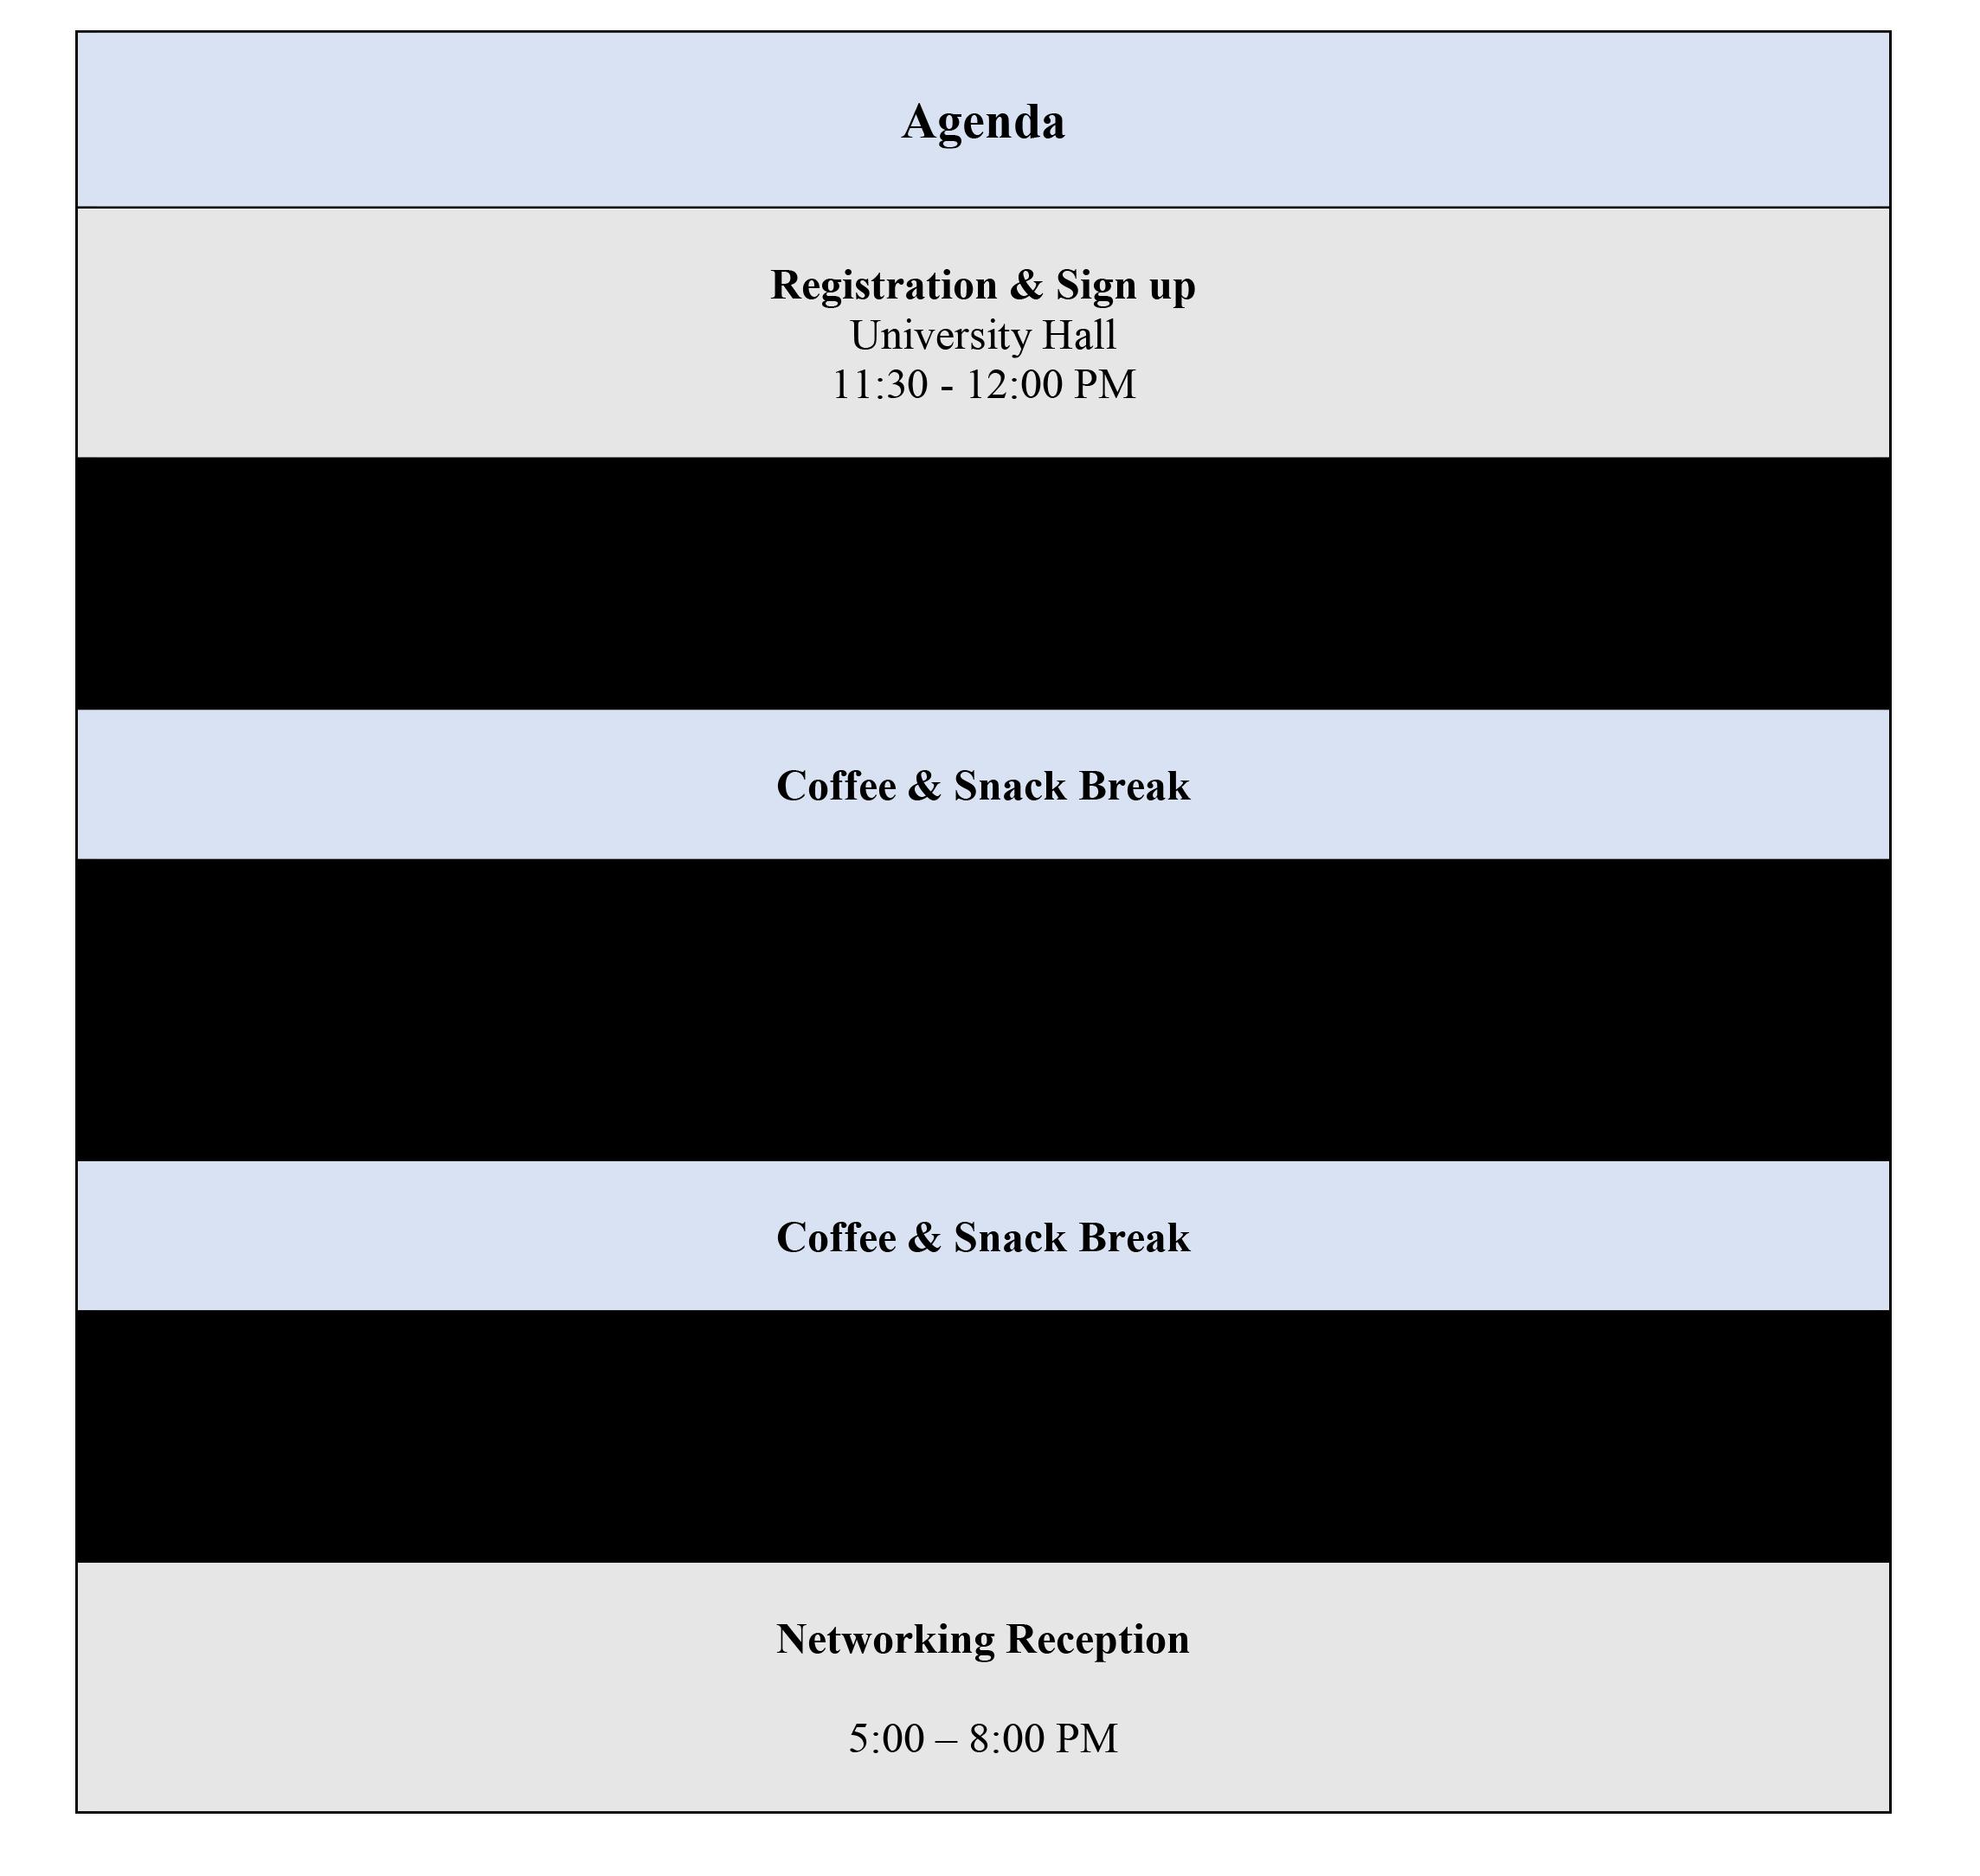 Fall 20118 Career Symposium Schedule